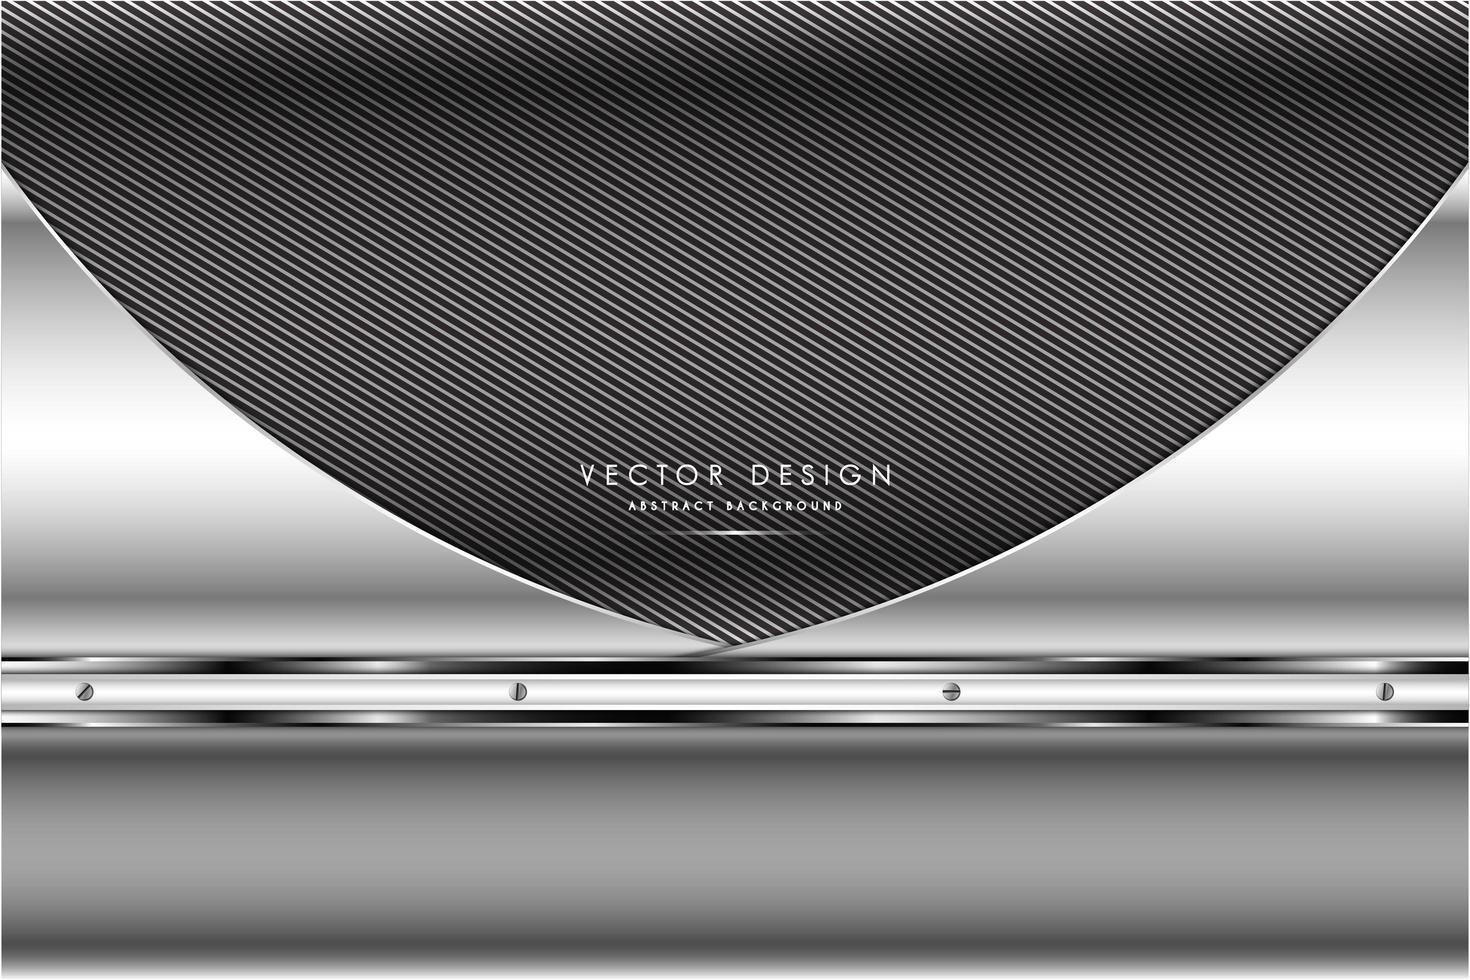 metallic grijs en zilver koolstofvezel ontwerp vector